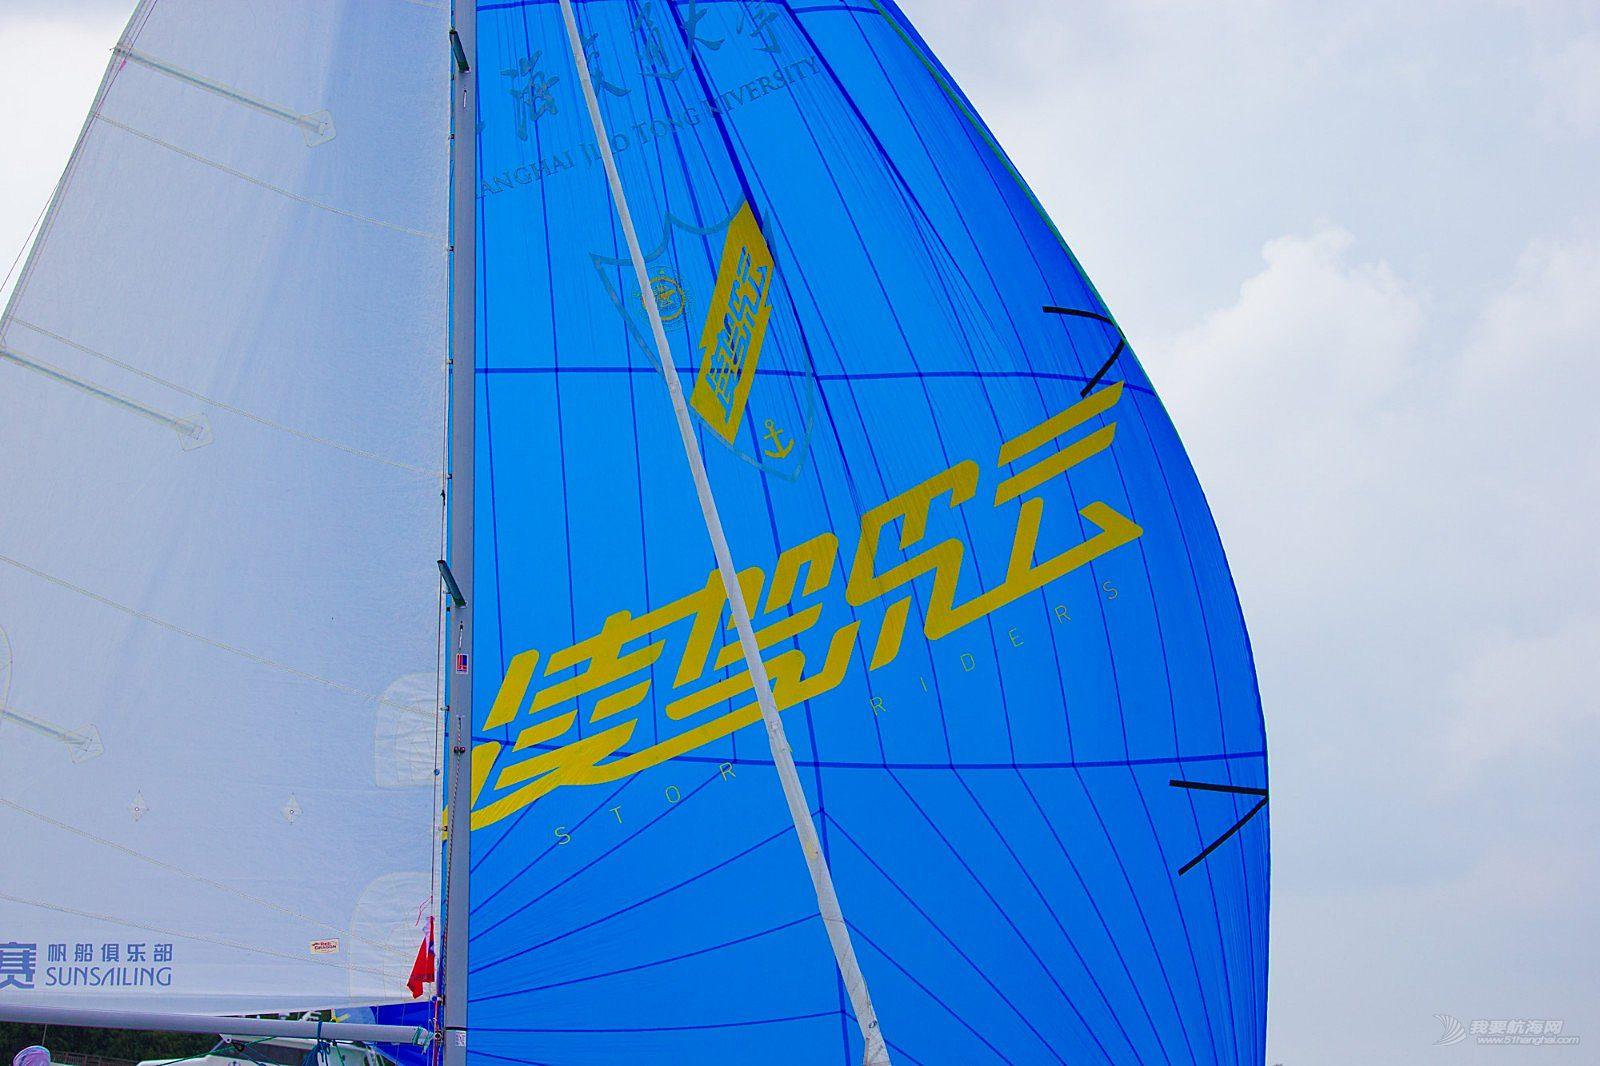 第七届全国商学院帆船赛完美落幕 商界精英的航海传奇未完待续